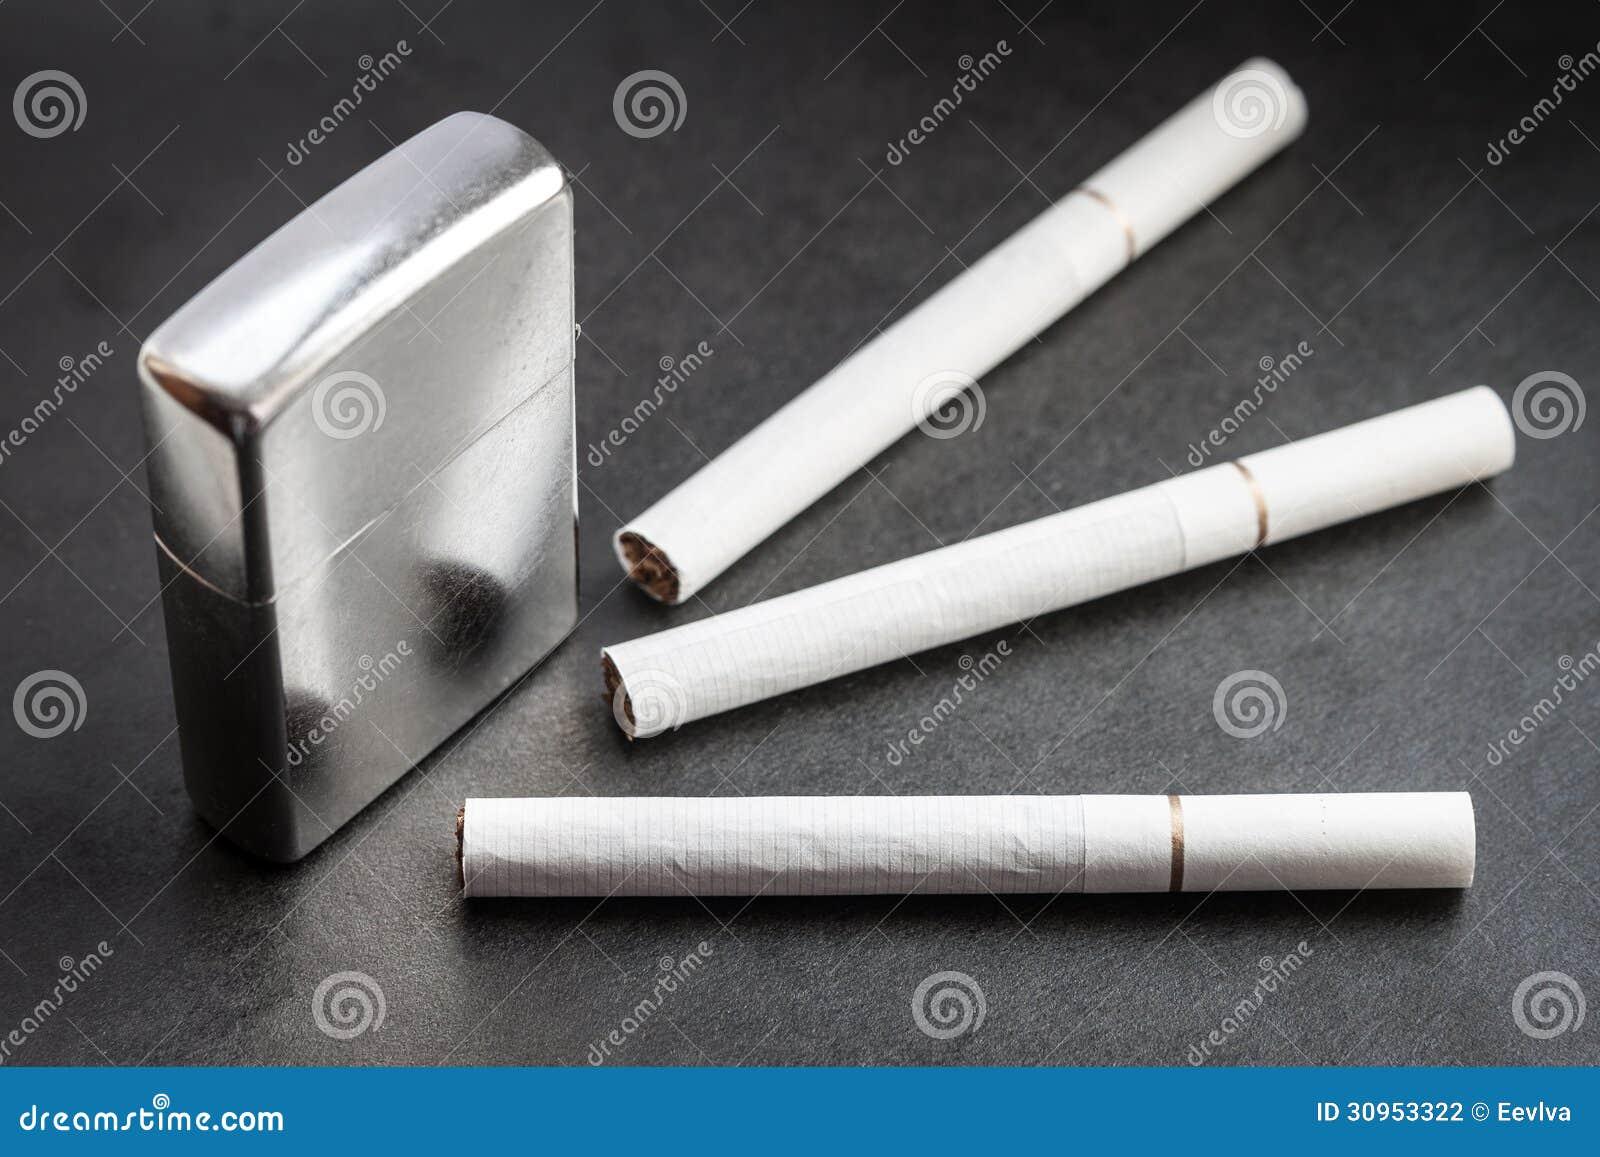 着打火机和烟的头像_闭合的金属打火机和三根香烟在黑暗的背景.在香烟的选择聚焦.